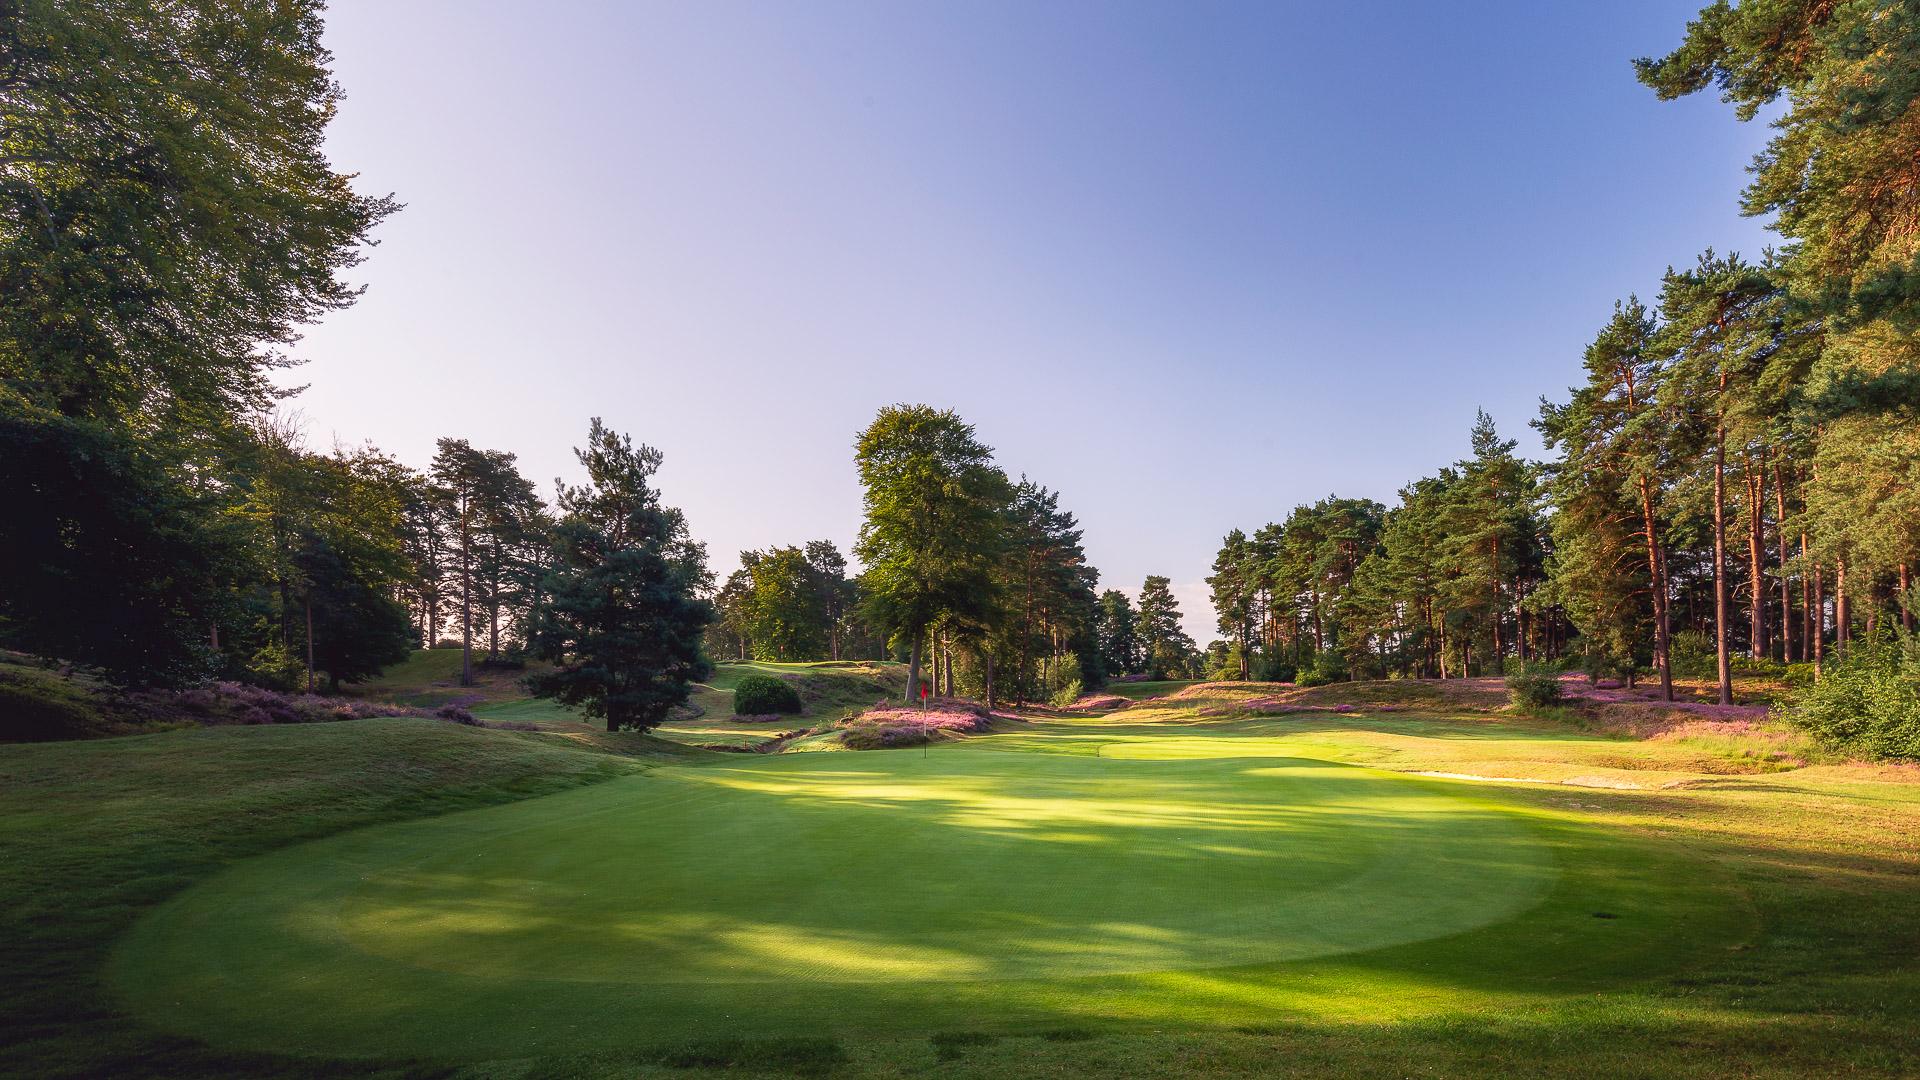 26th-Hole-St-Georges-Hill-Golf-Club-2110-Edit